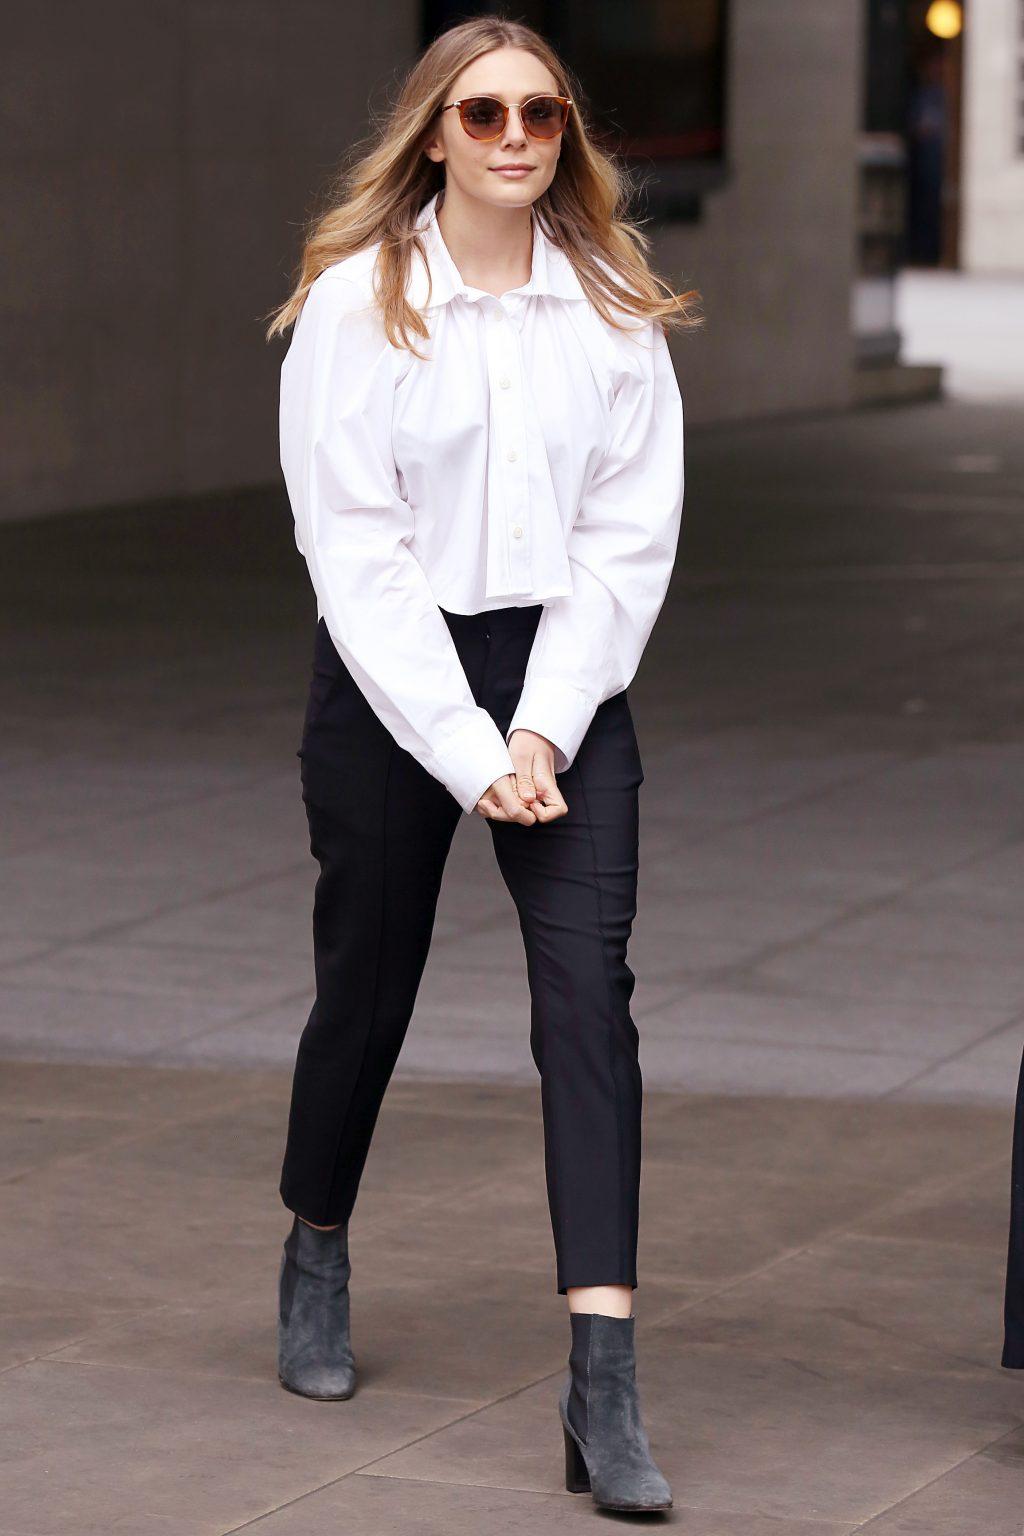 Elizabeth Olsen mặc áo sơ mi trắng và quần đen